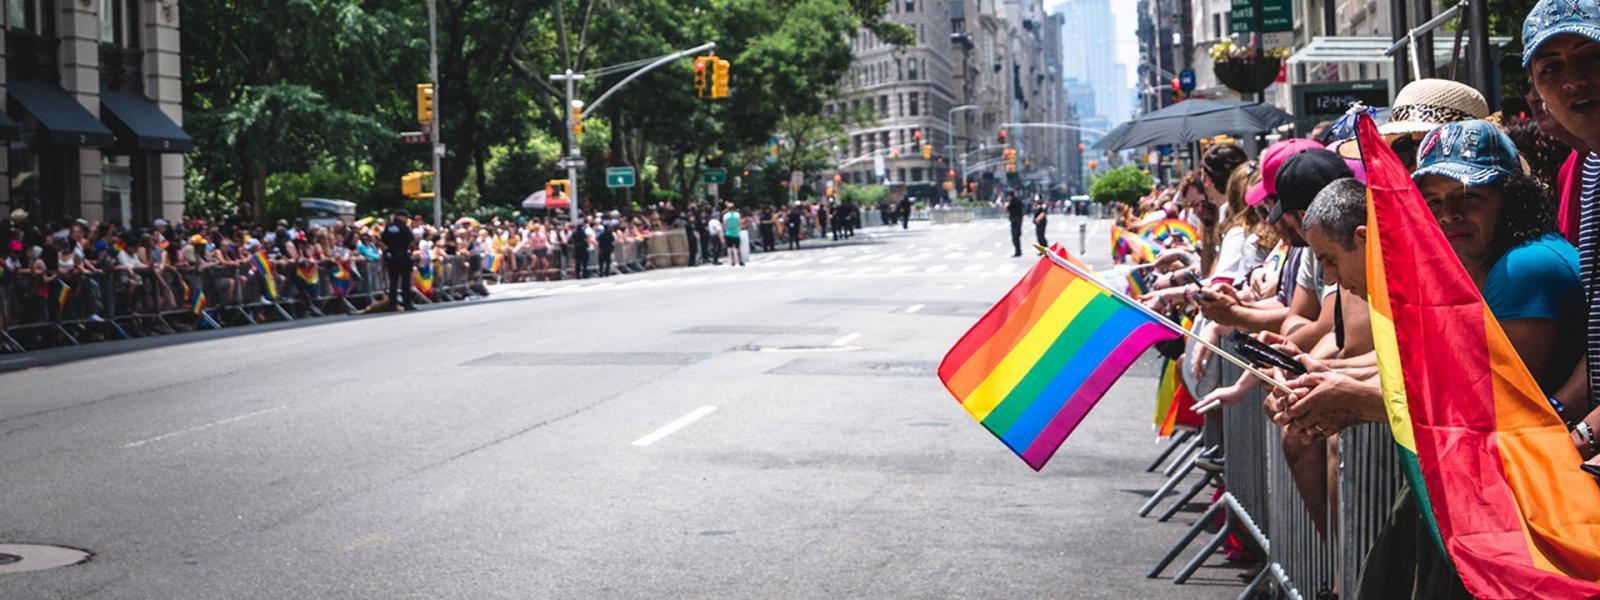 LGBTQ Flag at WorldPride NYC